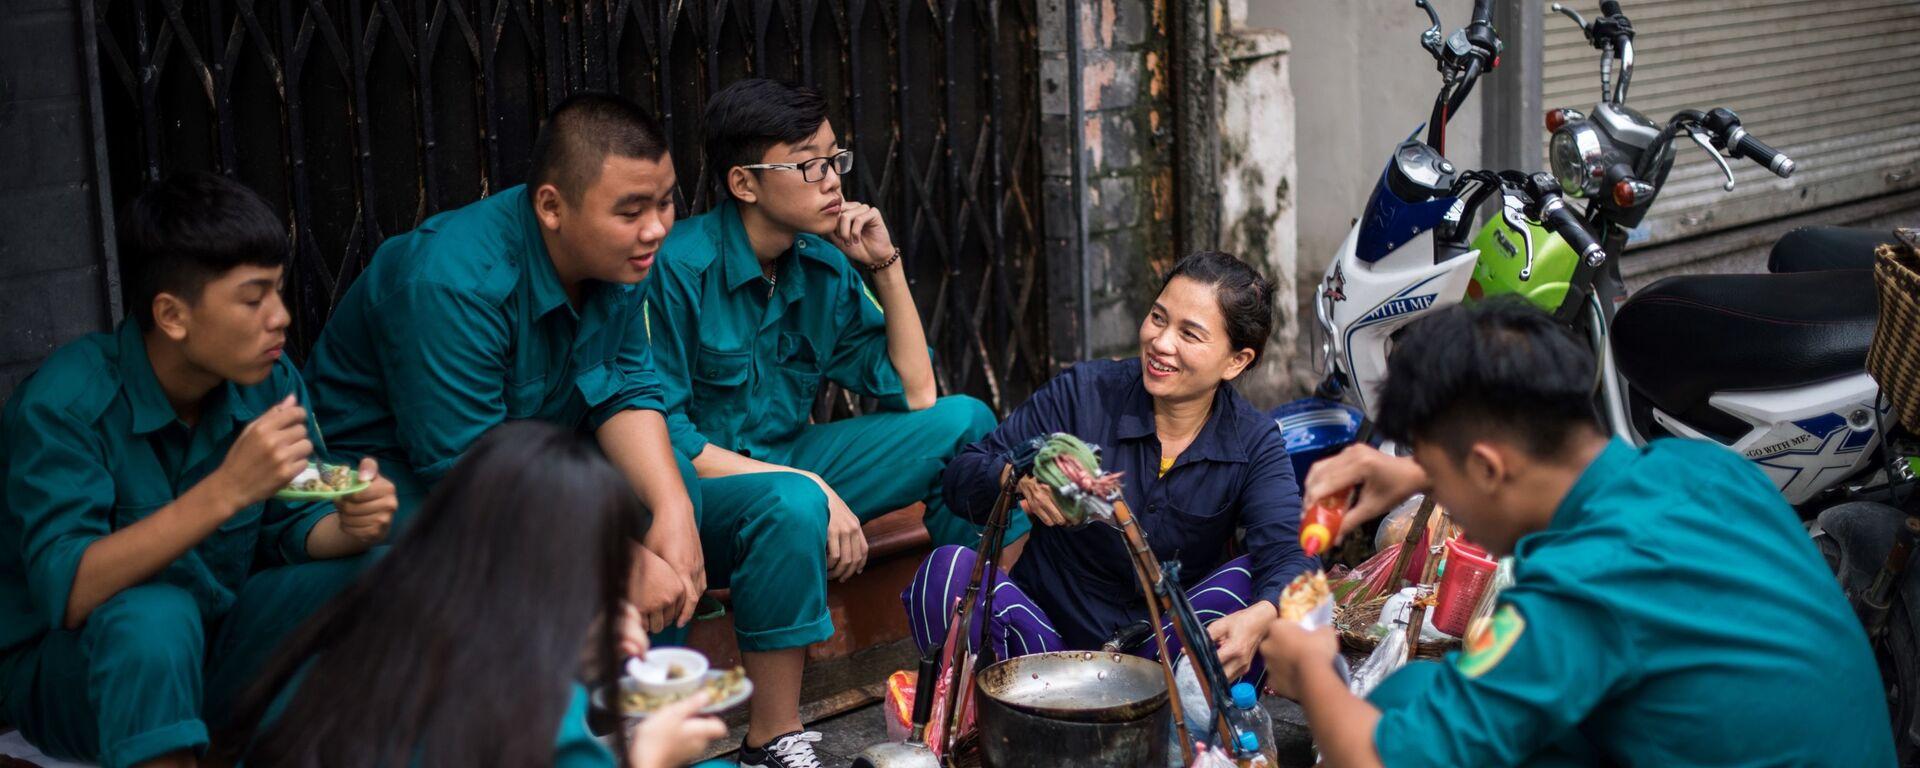 Những người giao hàng chuyện trò chờ nhận đơn hàng, Hà Nội - Sputnik Việt Nam, 1920, 19.12.2017